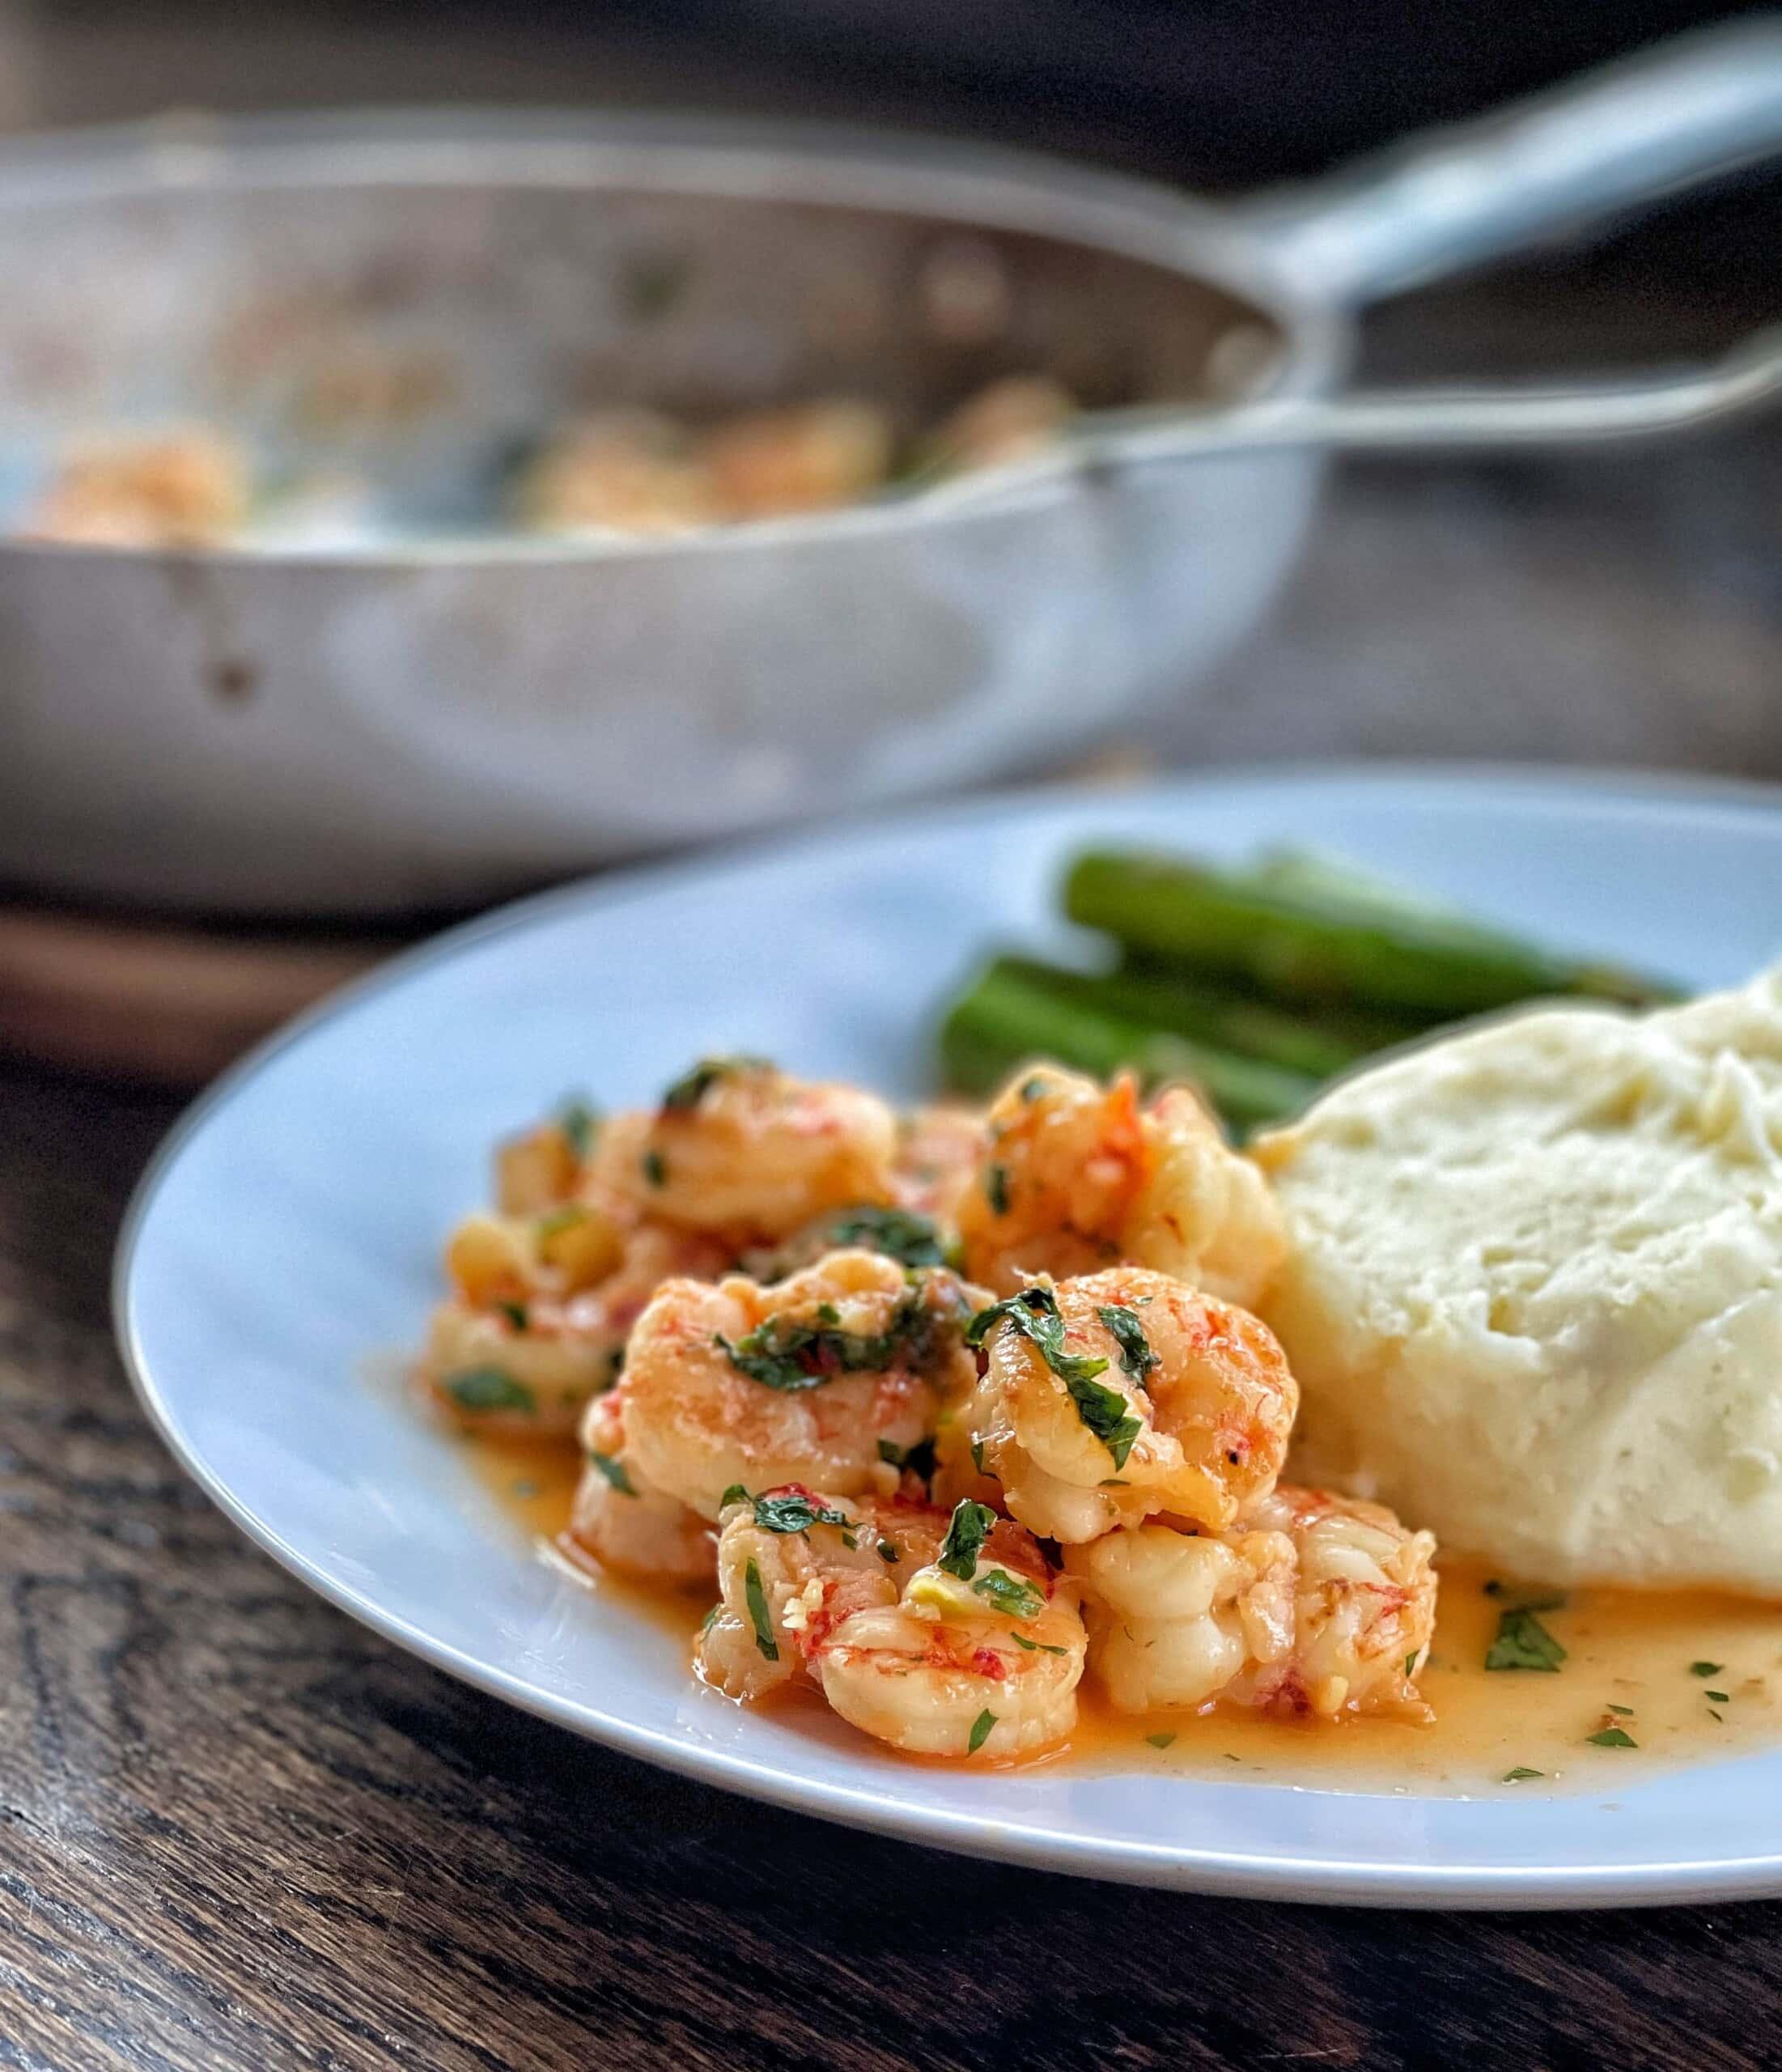 garlicky shrimp